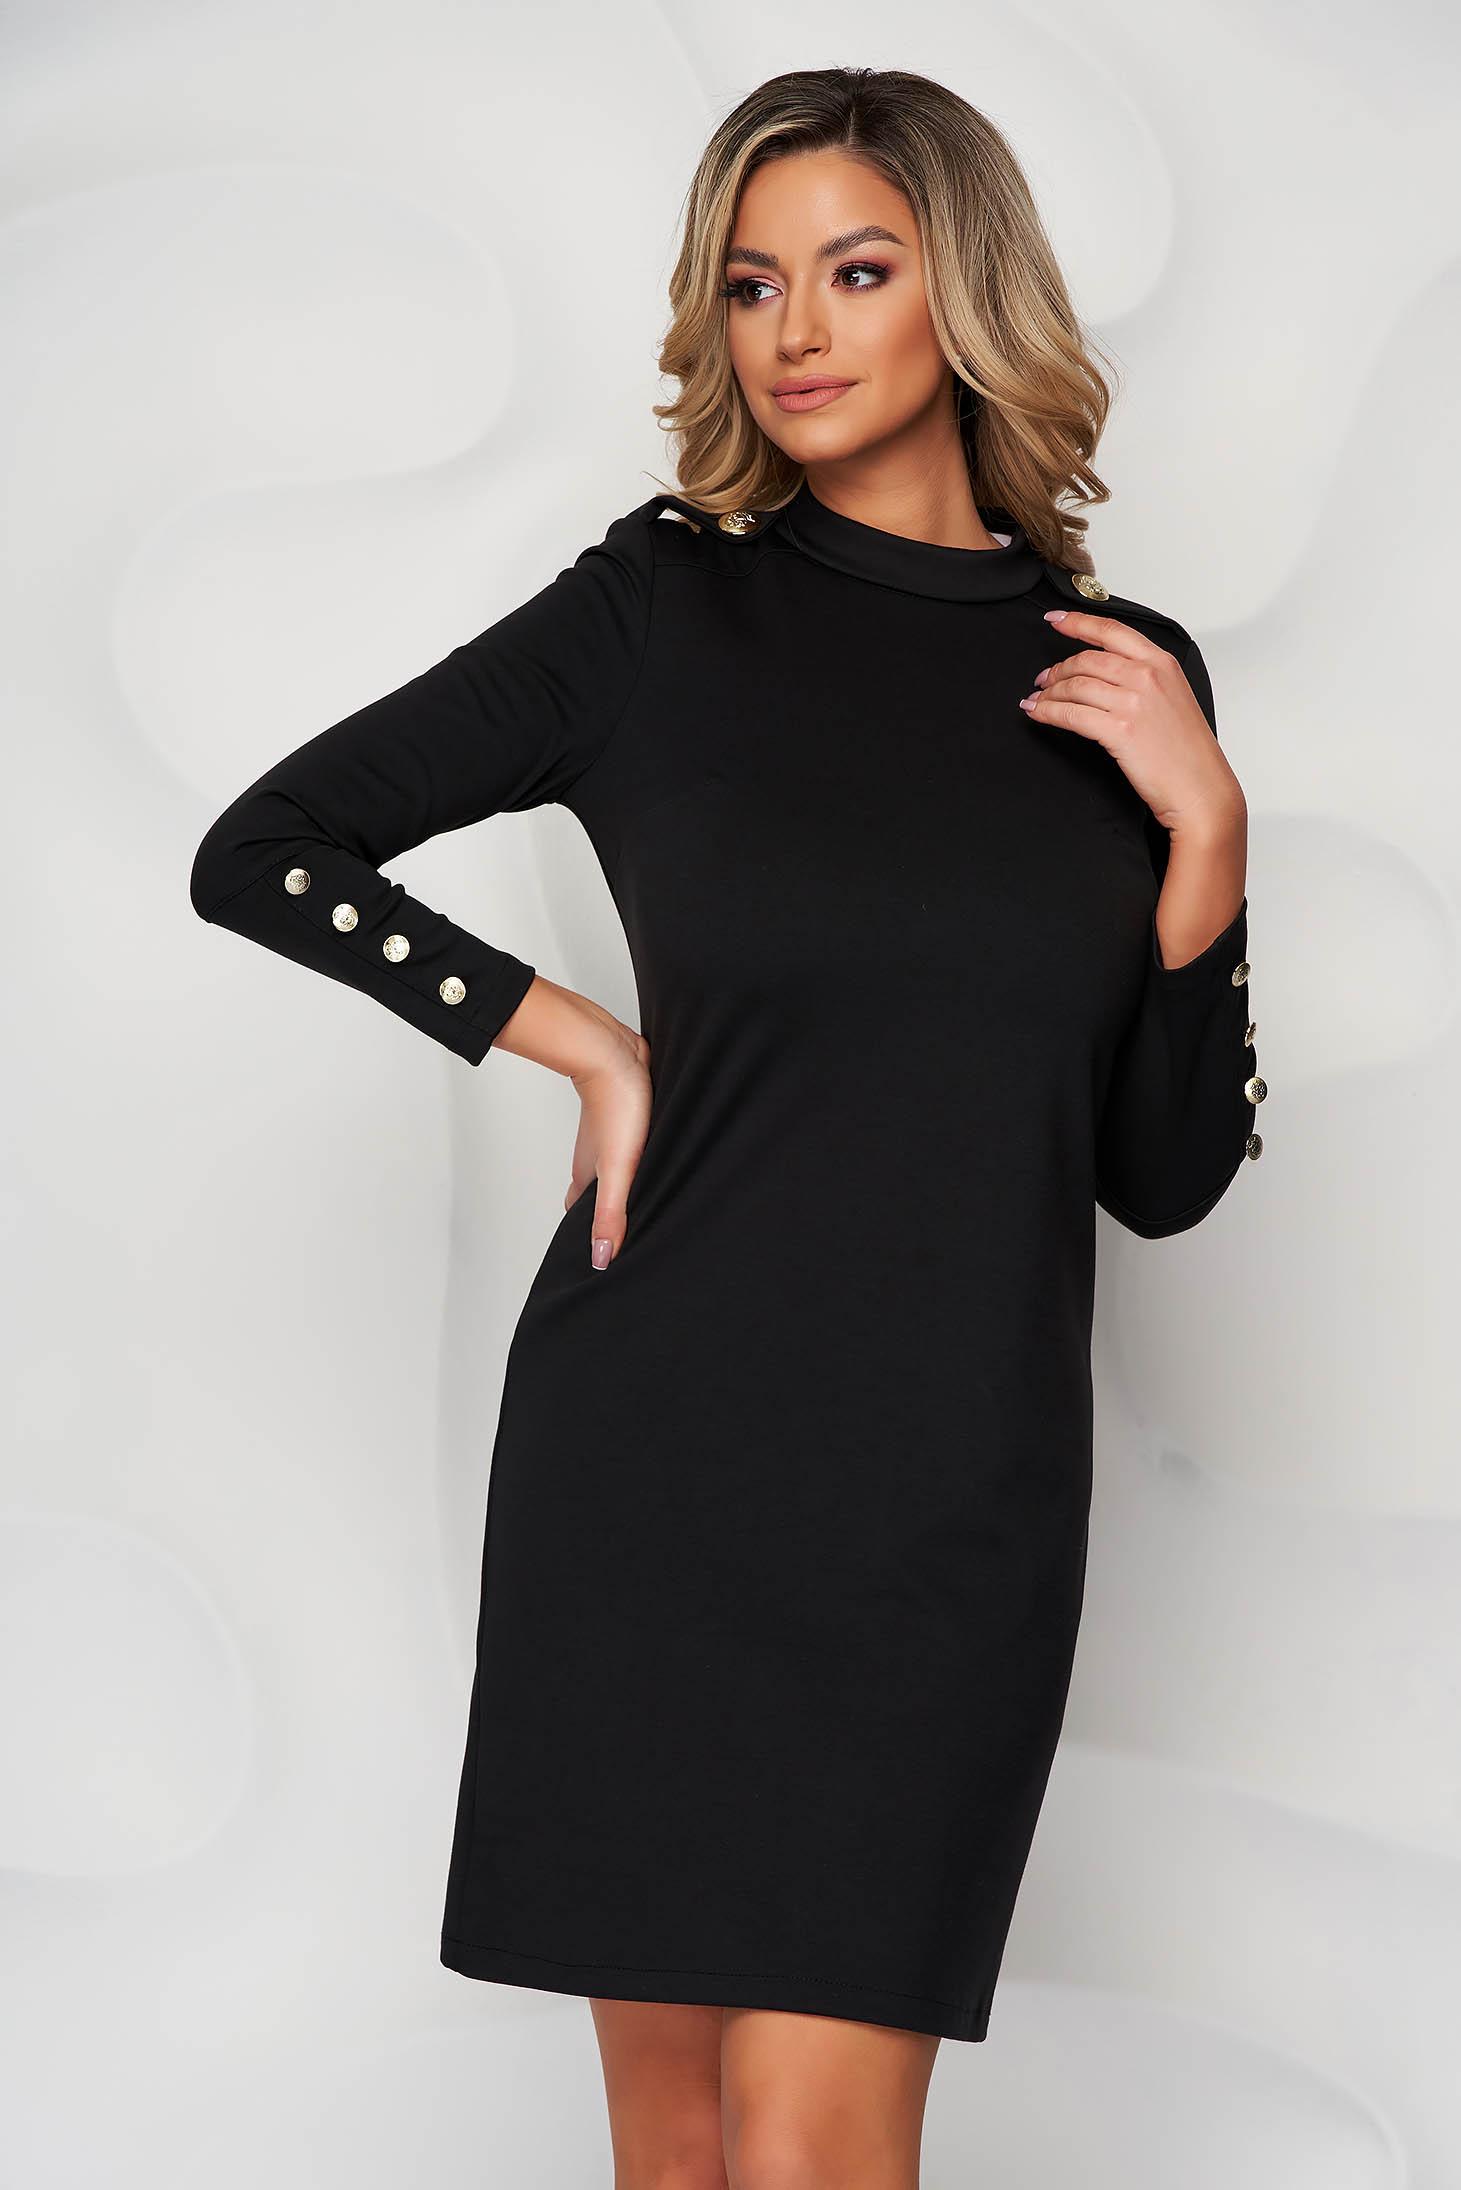 Rochie neagra din material elastic cu un croi drept accesorizata cu nasturi